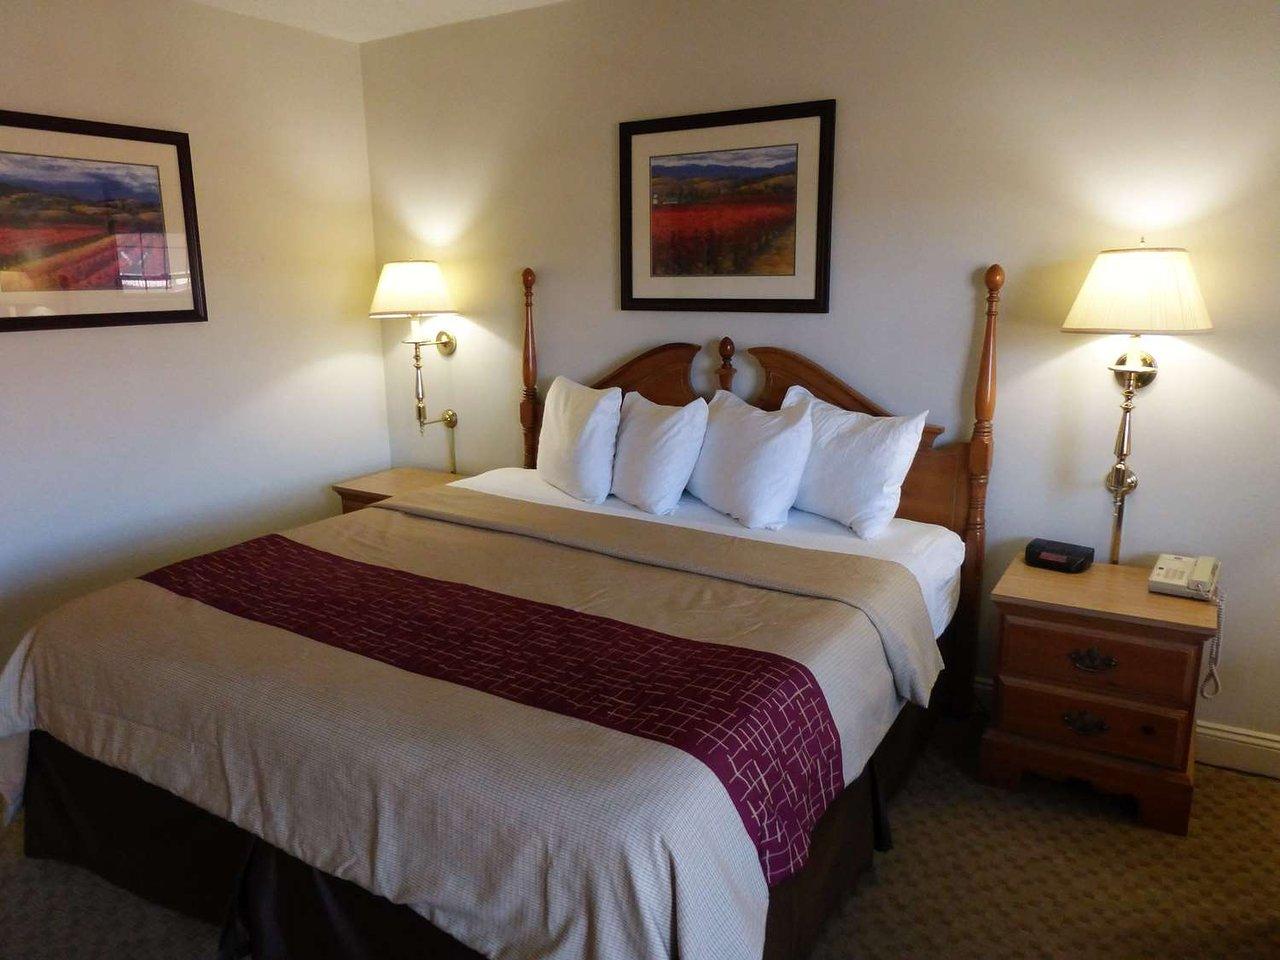 filthy, prostitute-ridden motel - Review of Penn Terrace Motel